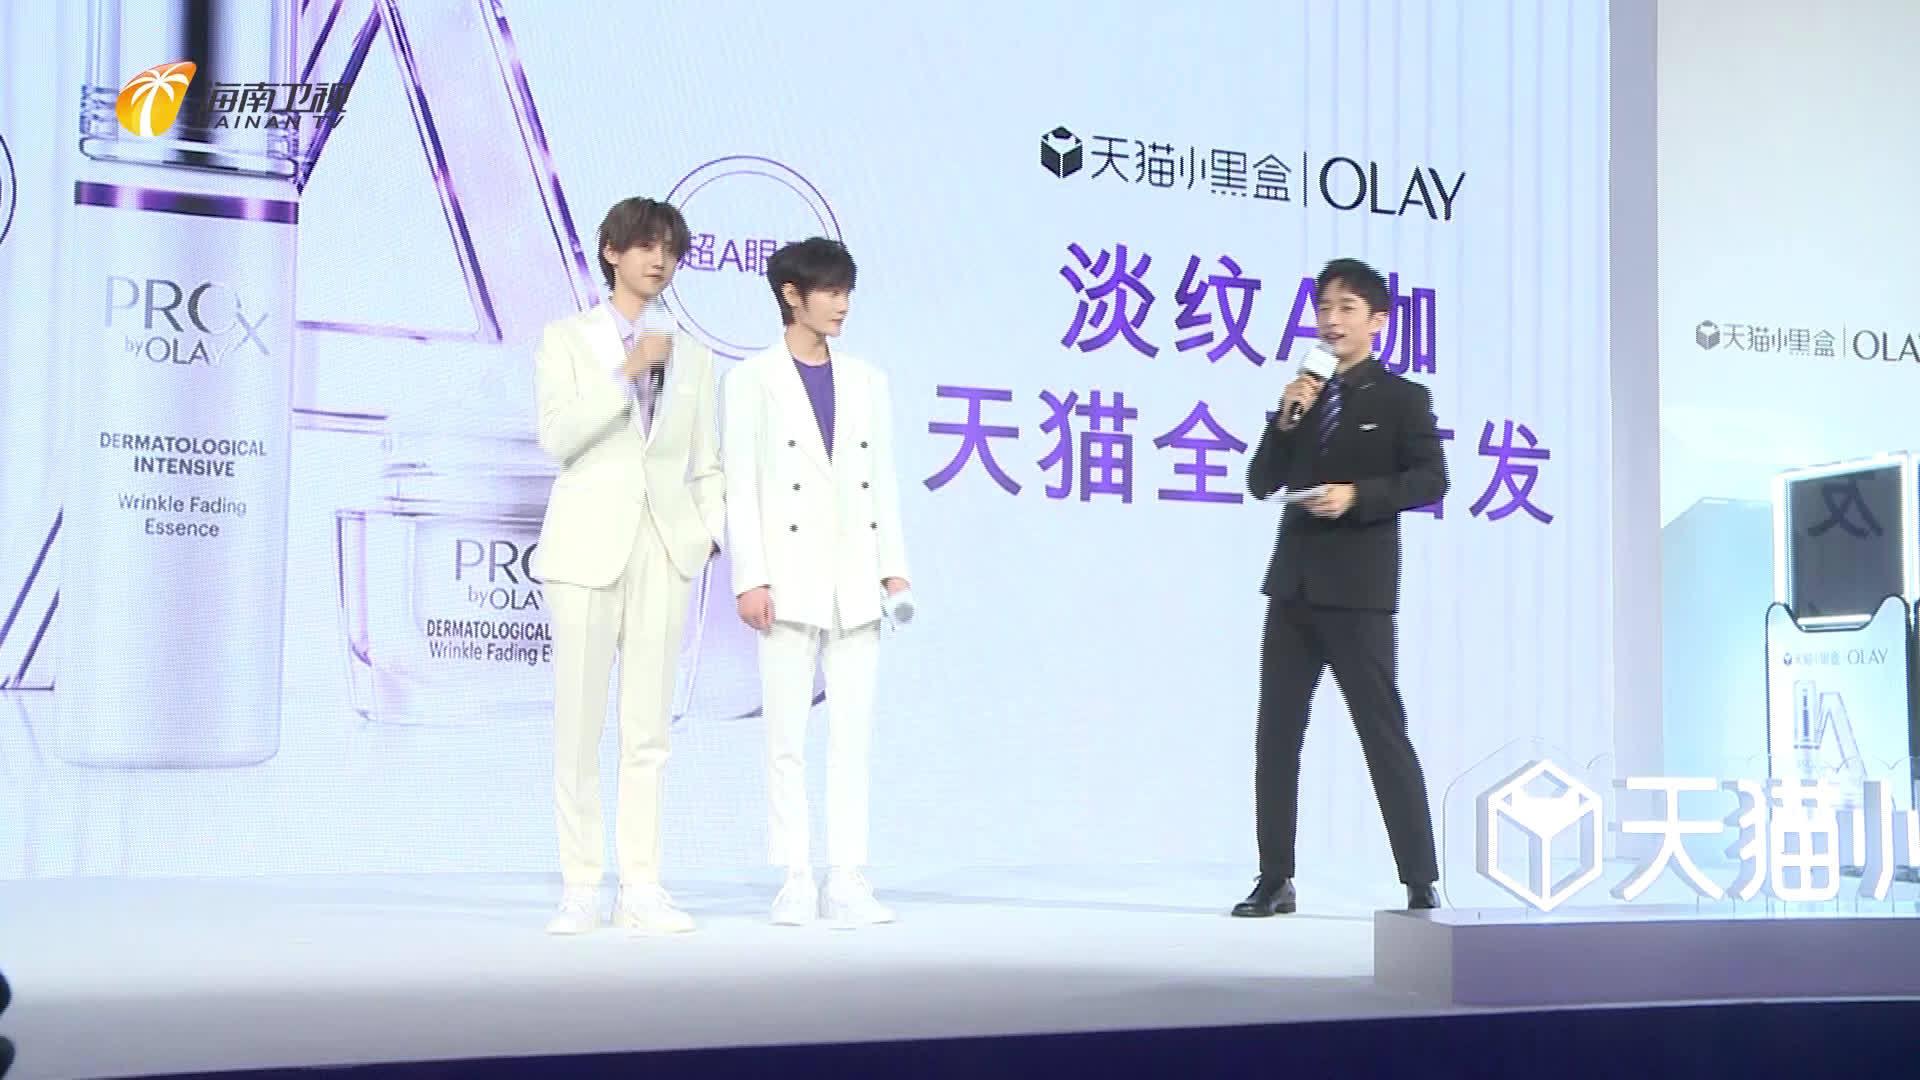 人气偶像, 白色西装内搭紫罗兰色衬衣,现身北京参加活动